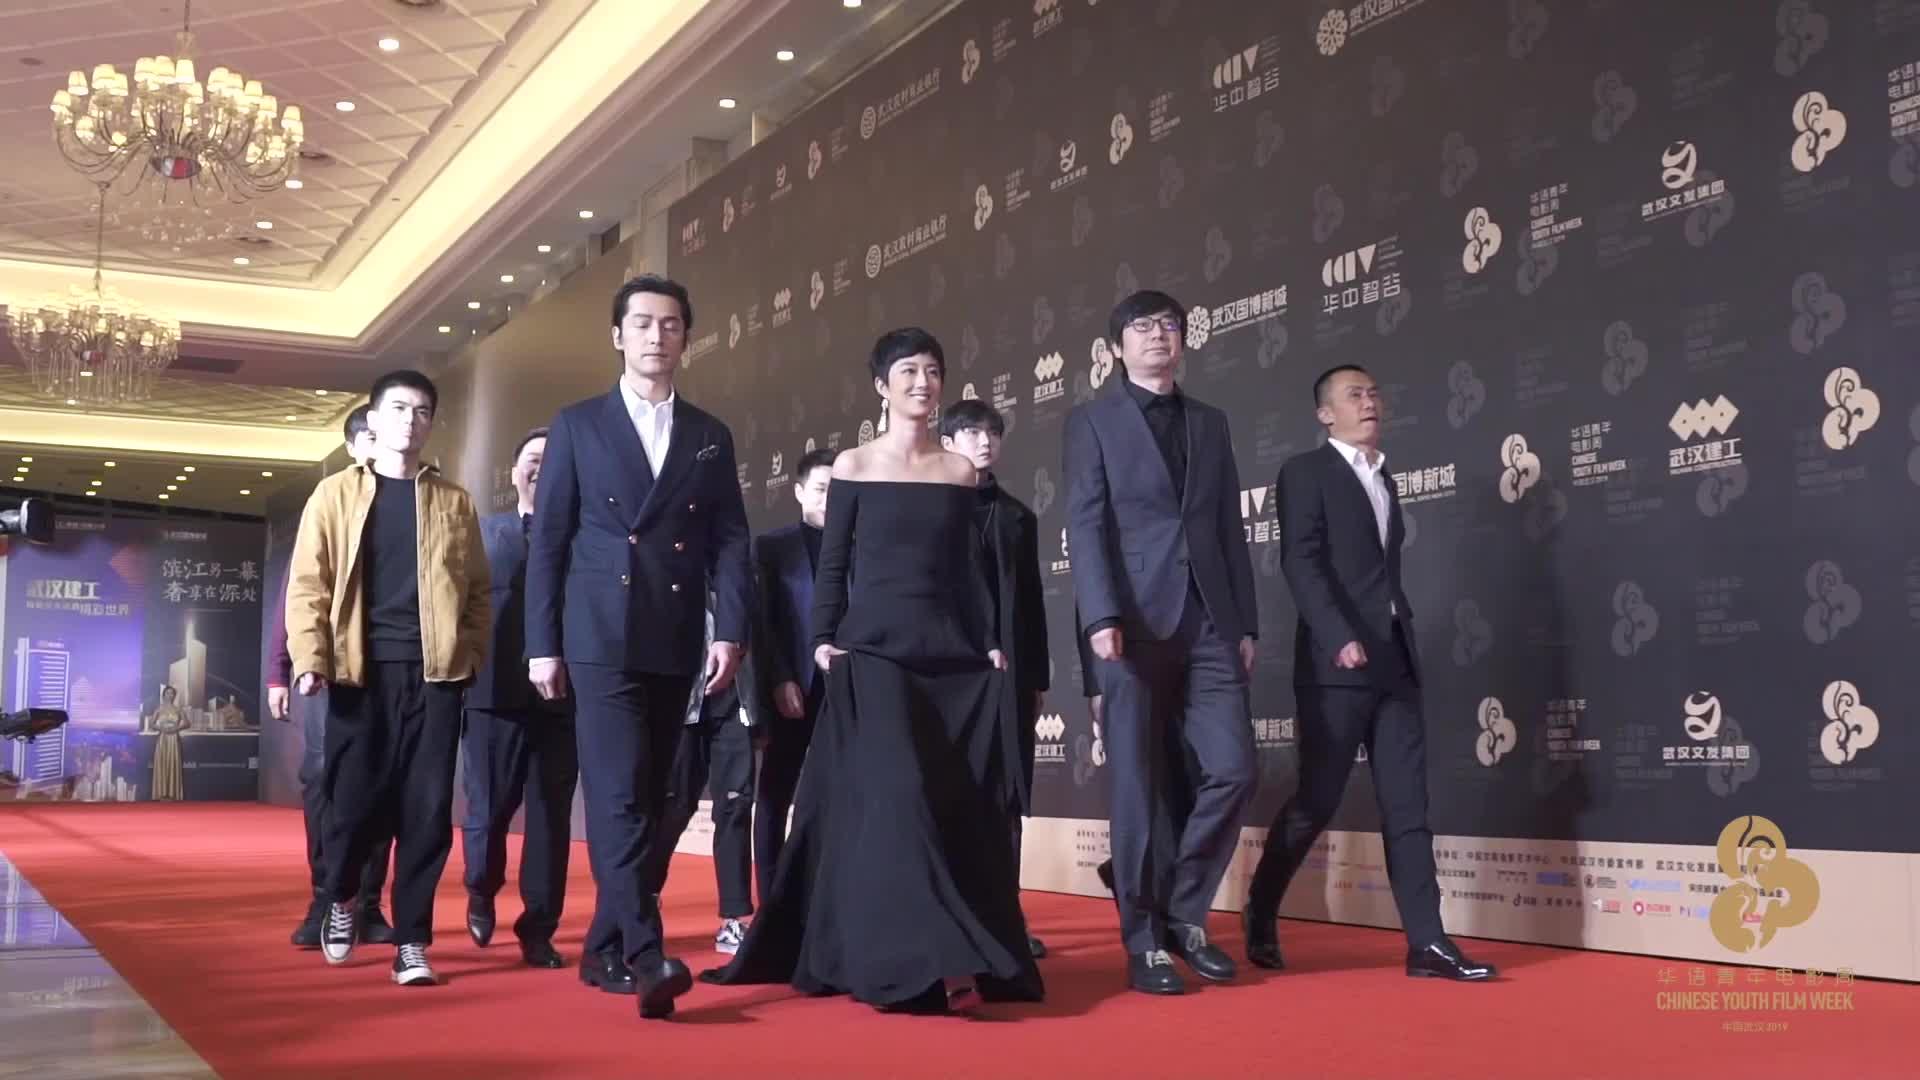 第十四届华语青年电影周红毯仪式